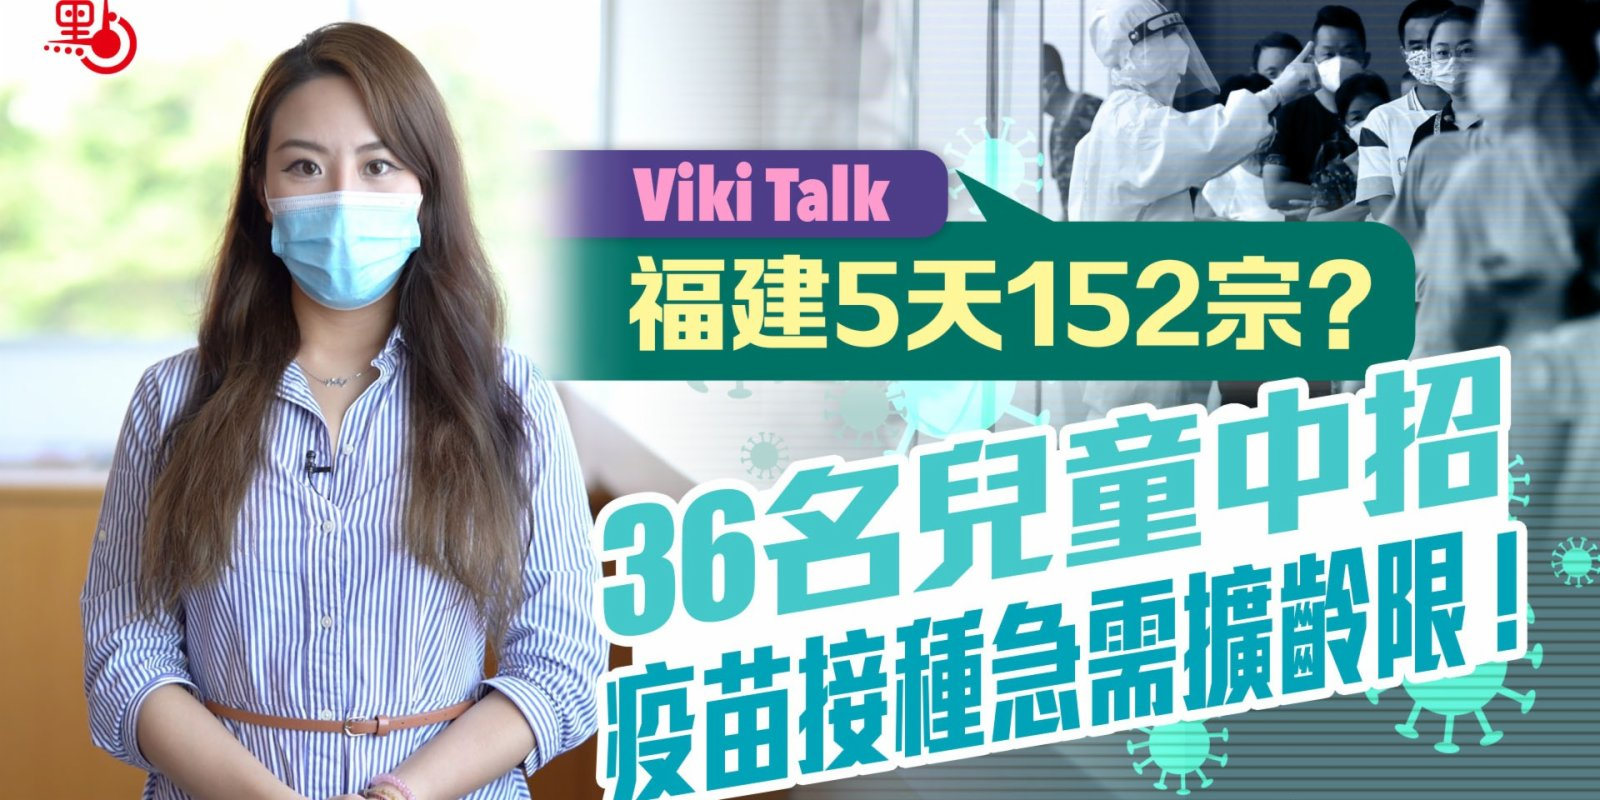 Viki Talk|福建5天152宗? 36名兒童中招 疫苗接種急需擴齡限!